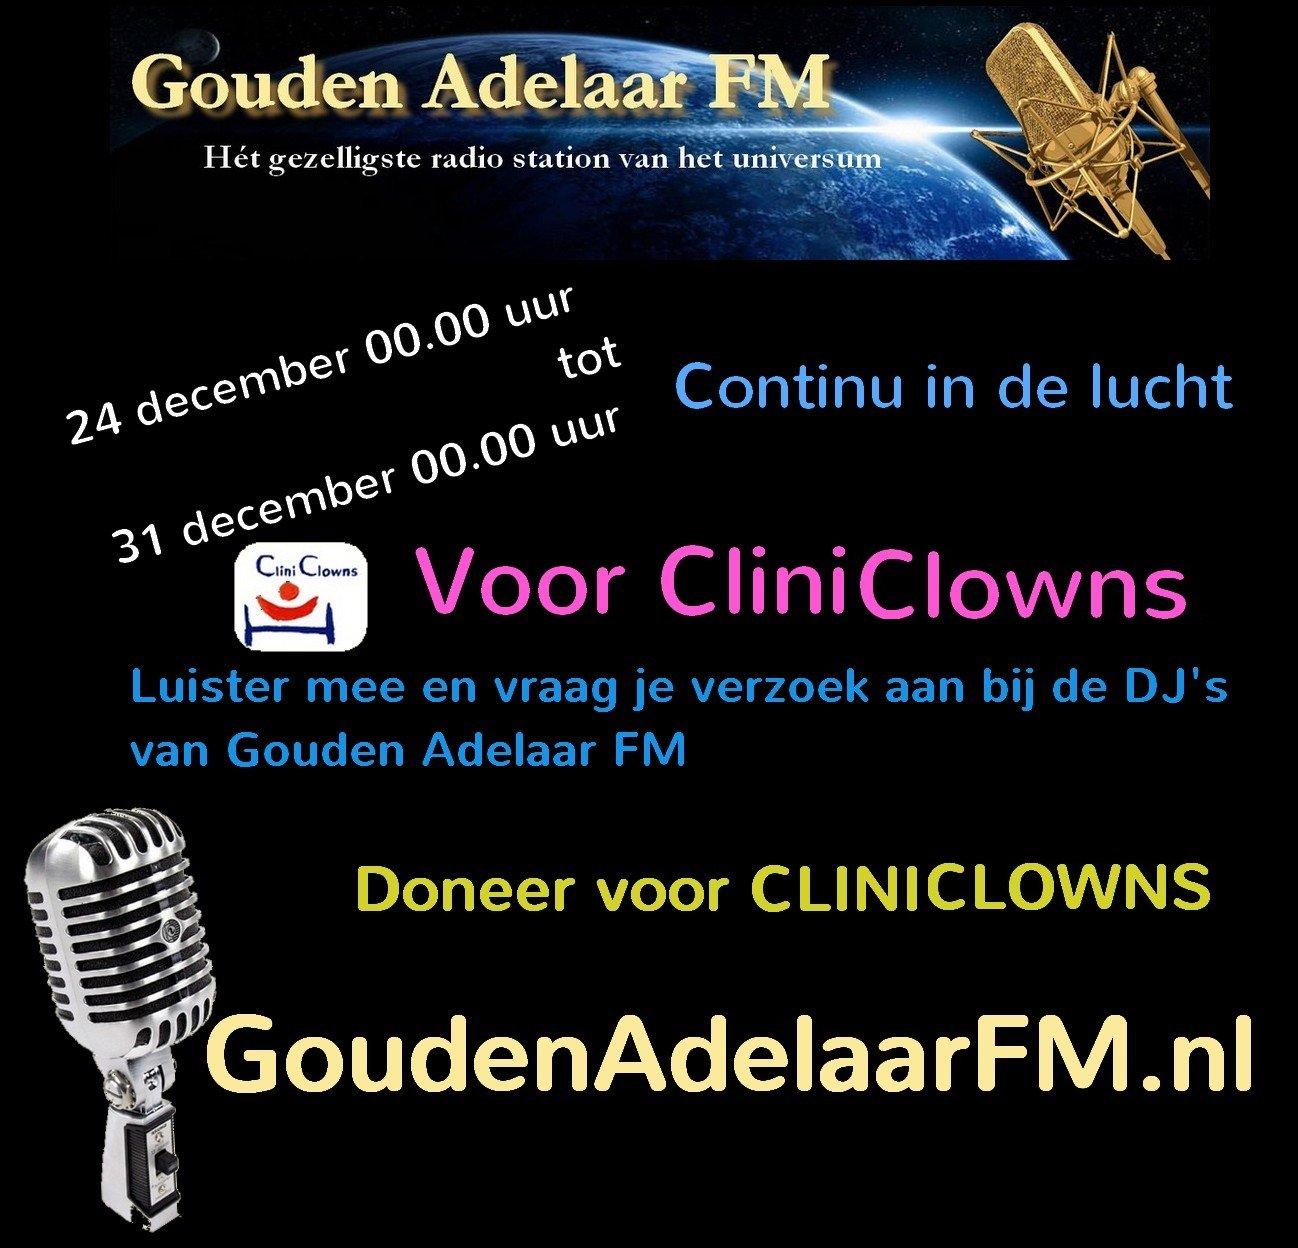 Actie van Gouden Adelaar FM voor CliniClowns